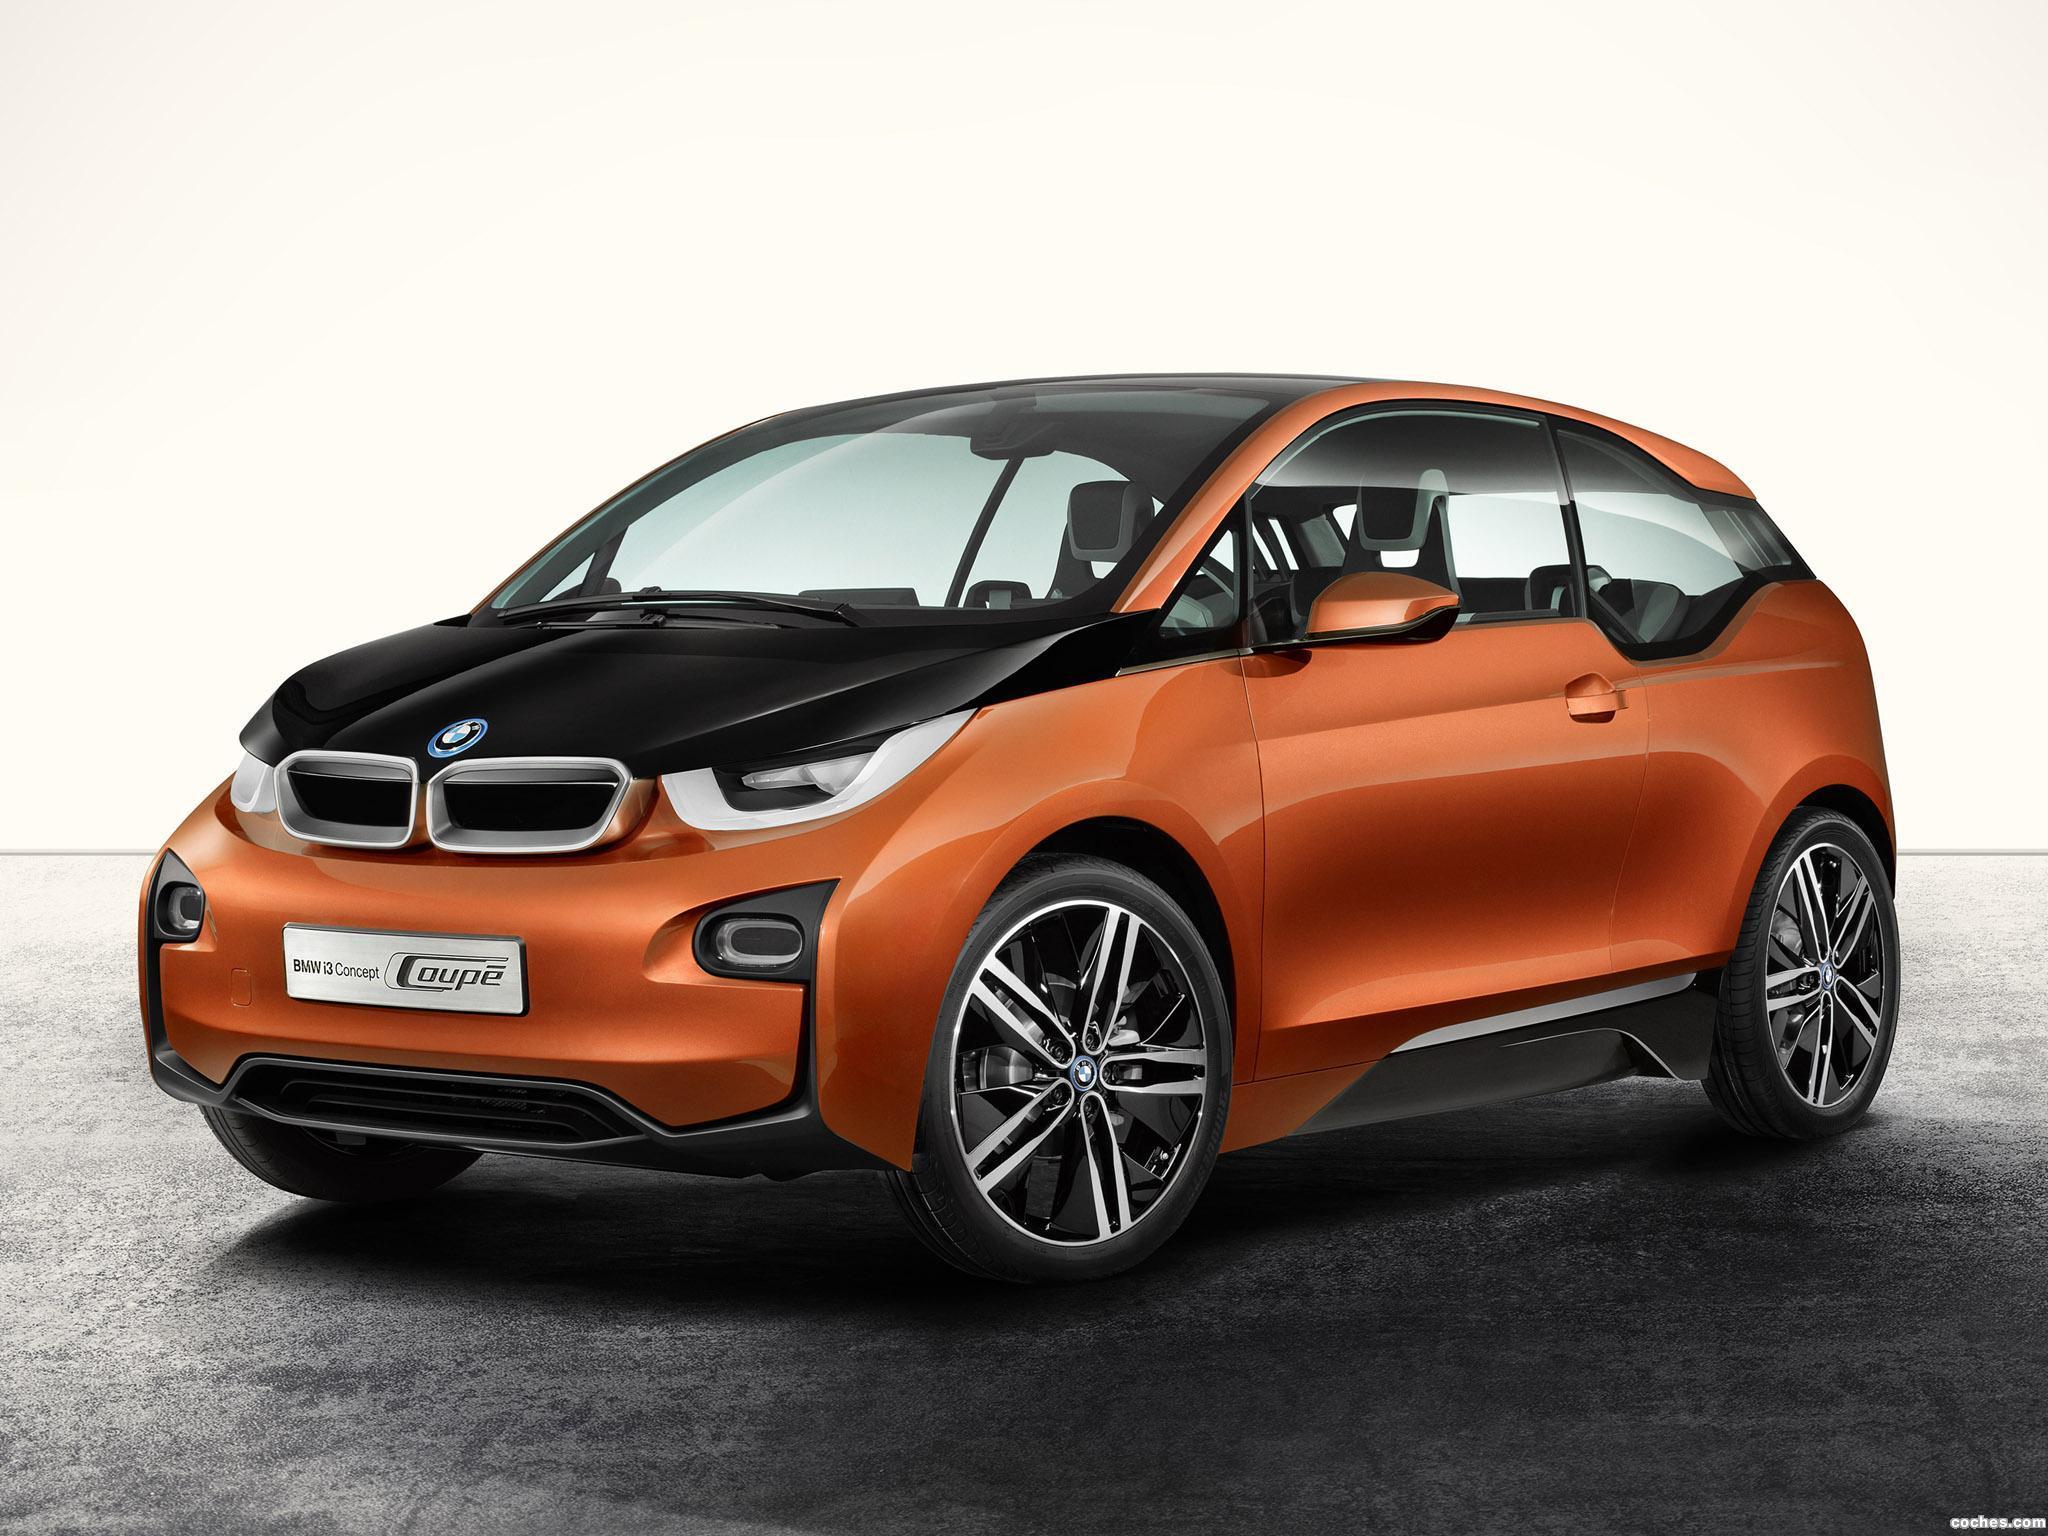 Foto 16 de BMW i3 Coupe Concept 2012